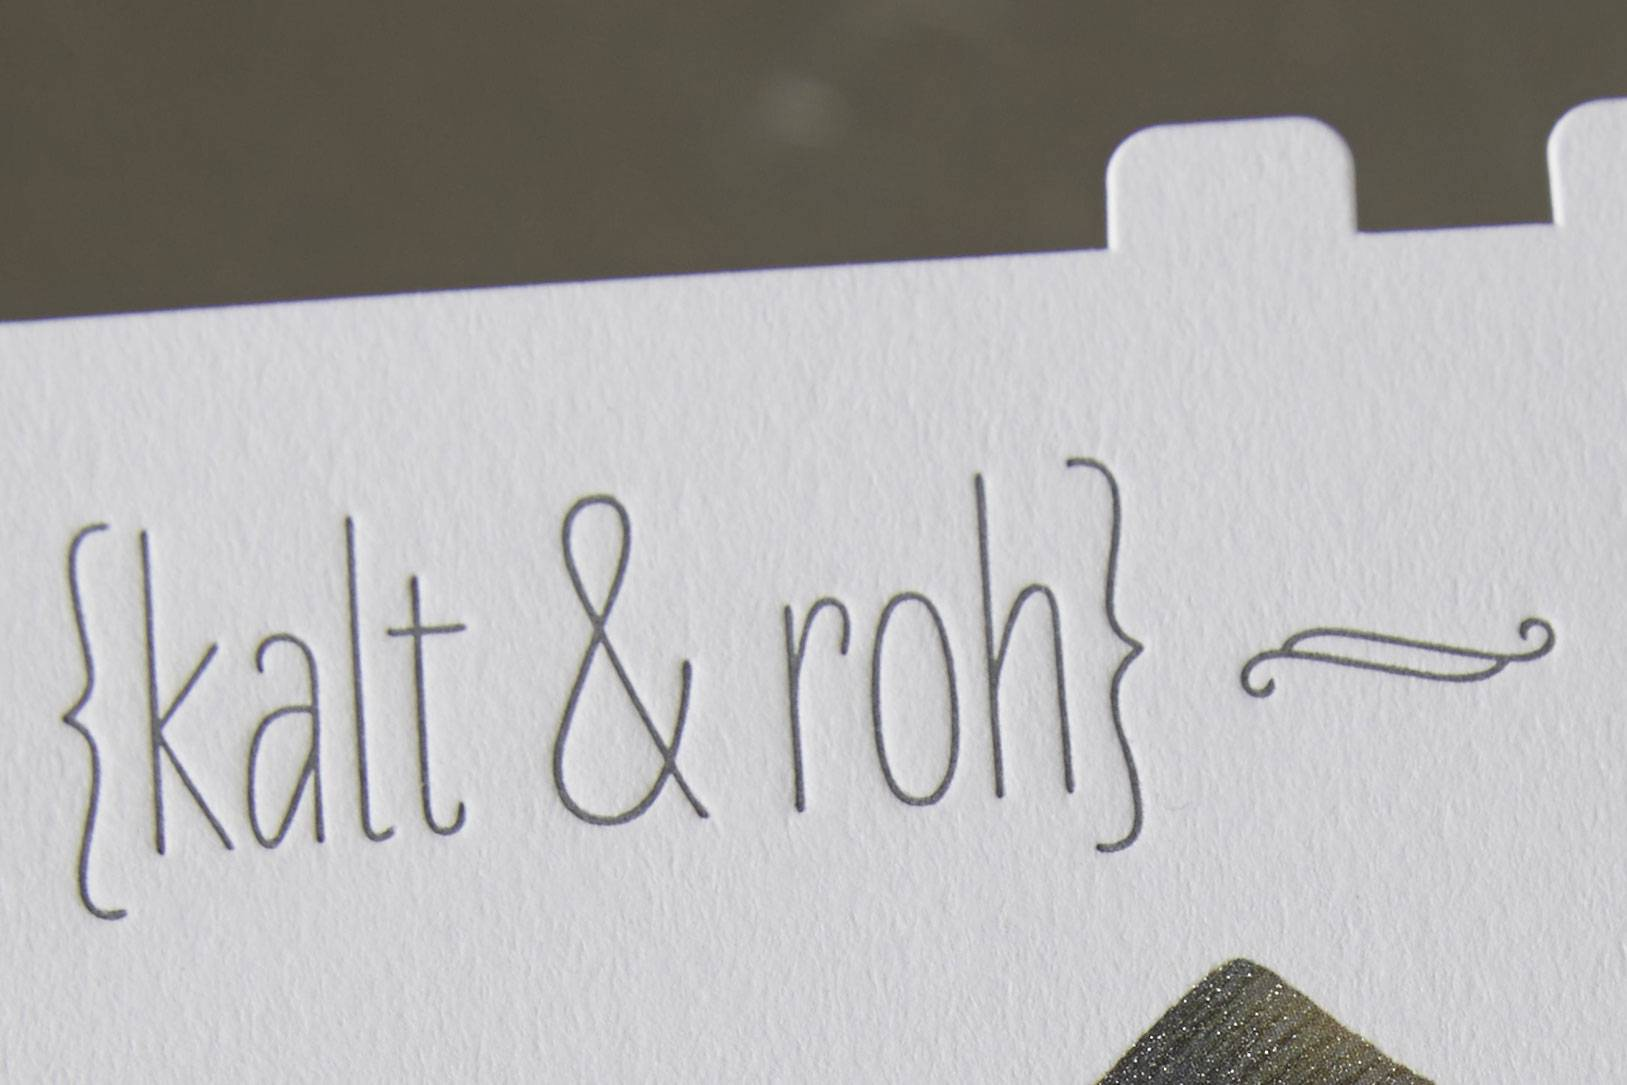 Letterpress Beispiel mit Text kalt & roh